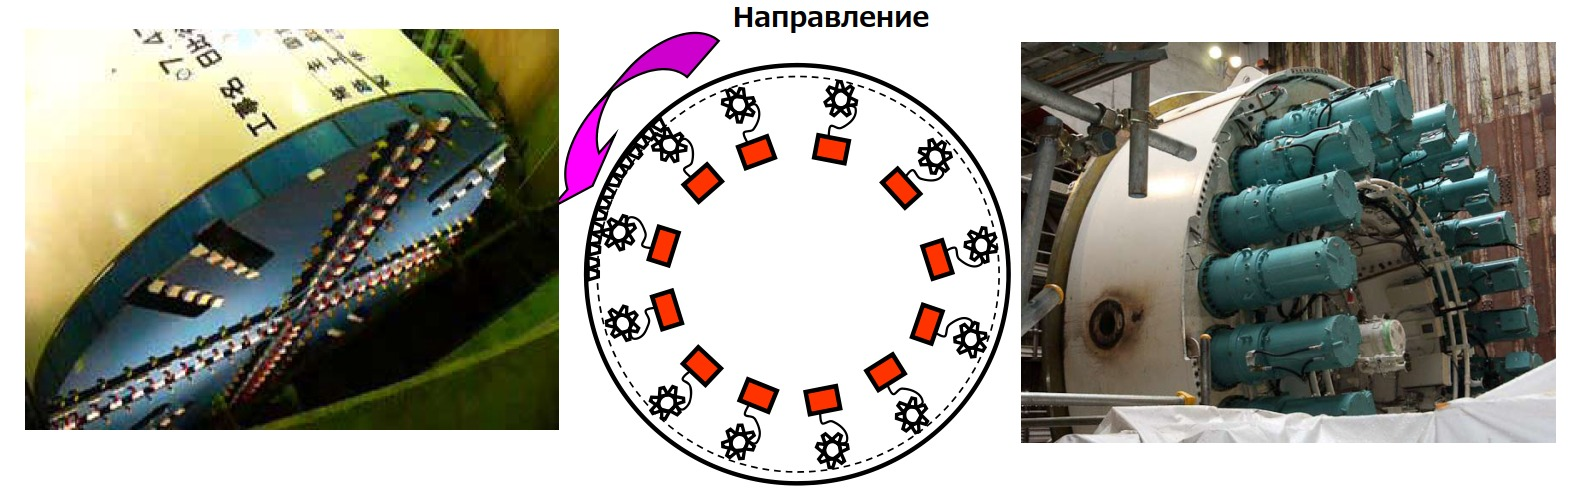 Управление равномерным распределением момента между двигателями проходки туннелей